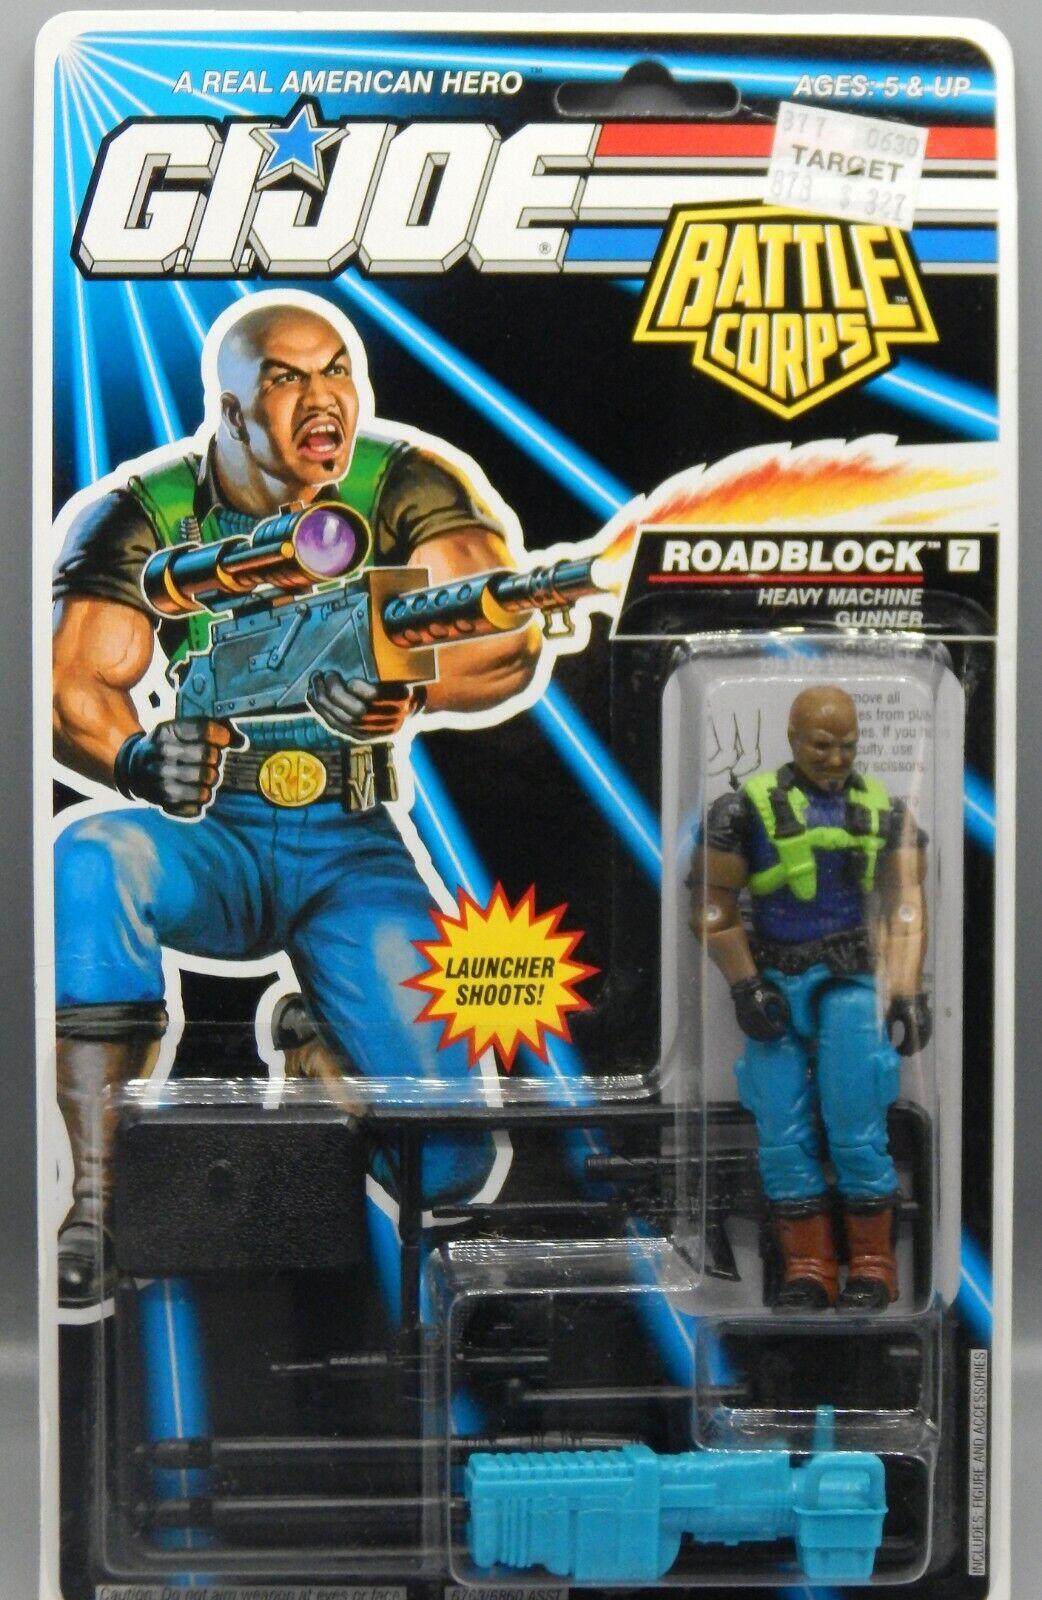 Vintage 1993 Hasbro GI Joe battaglia Corps stradaBLOCK azione cifra MOC giocattolo SEALED